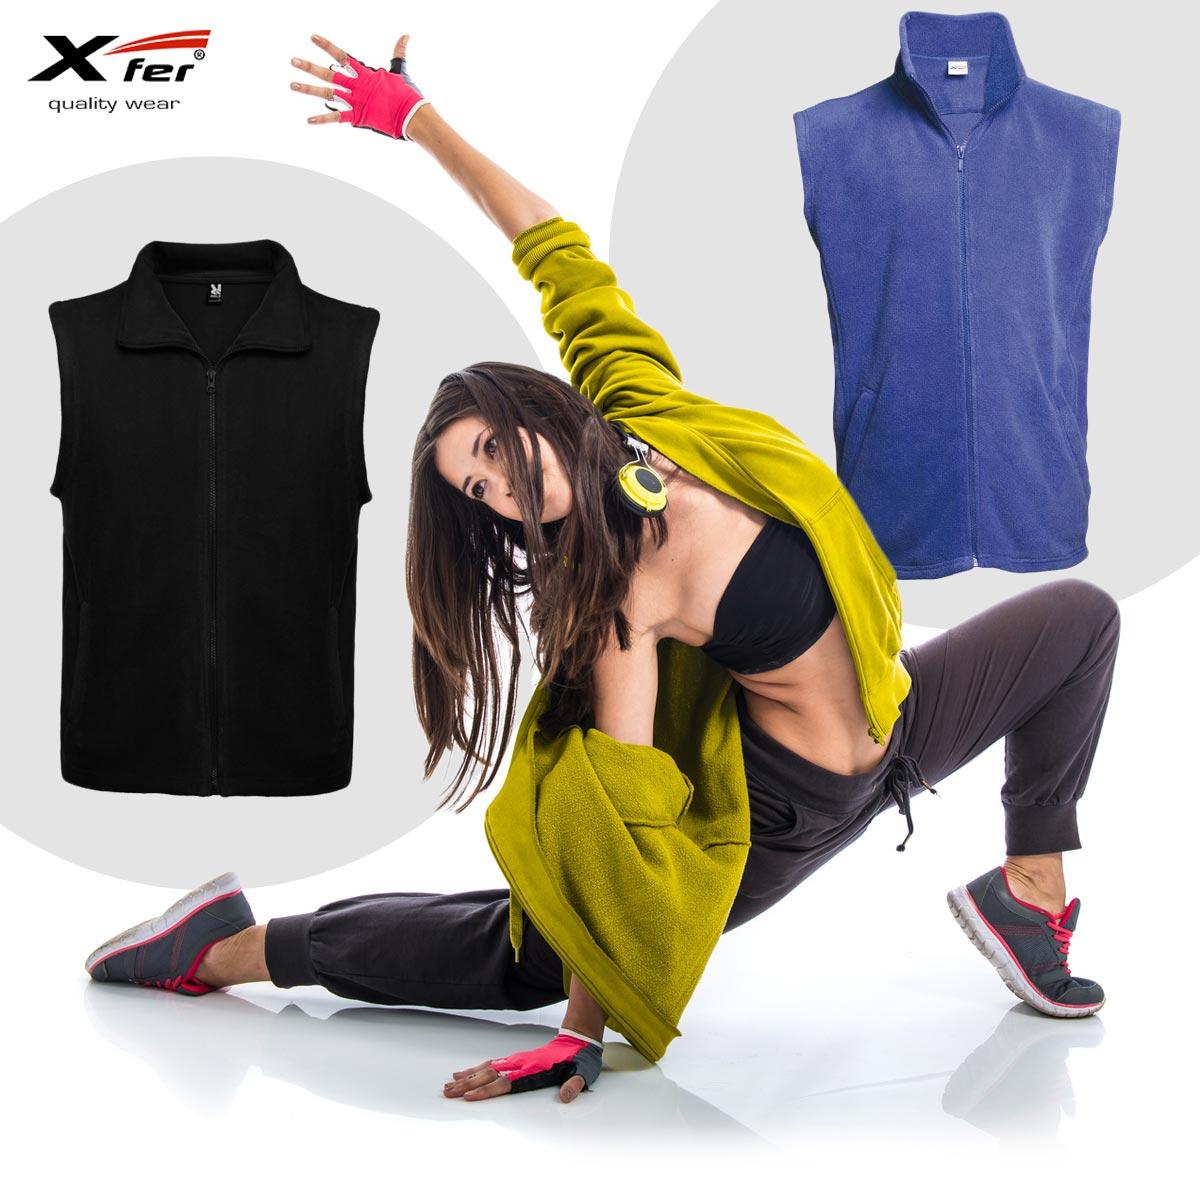 Fleece vesty by rozhodně neměly v šatníků chybět ani jako outdoor vybavení, ani jako pohodlné volnočasové či domácí oblečení.